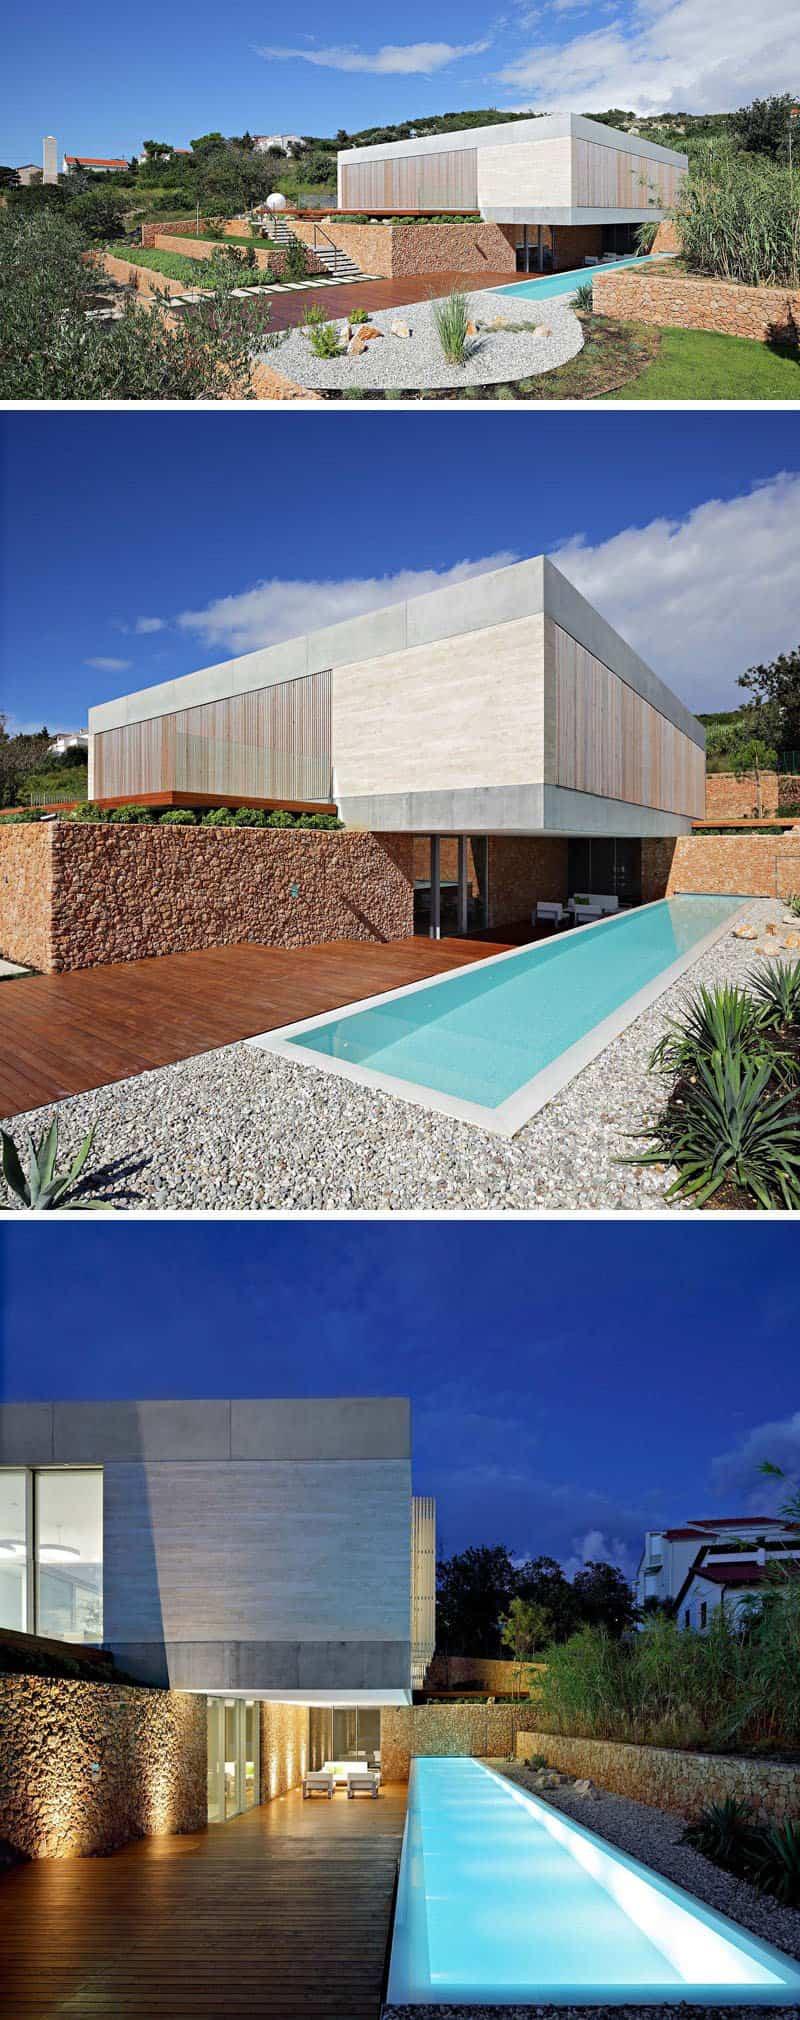 casa isla con patio ajardinado 4